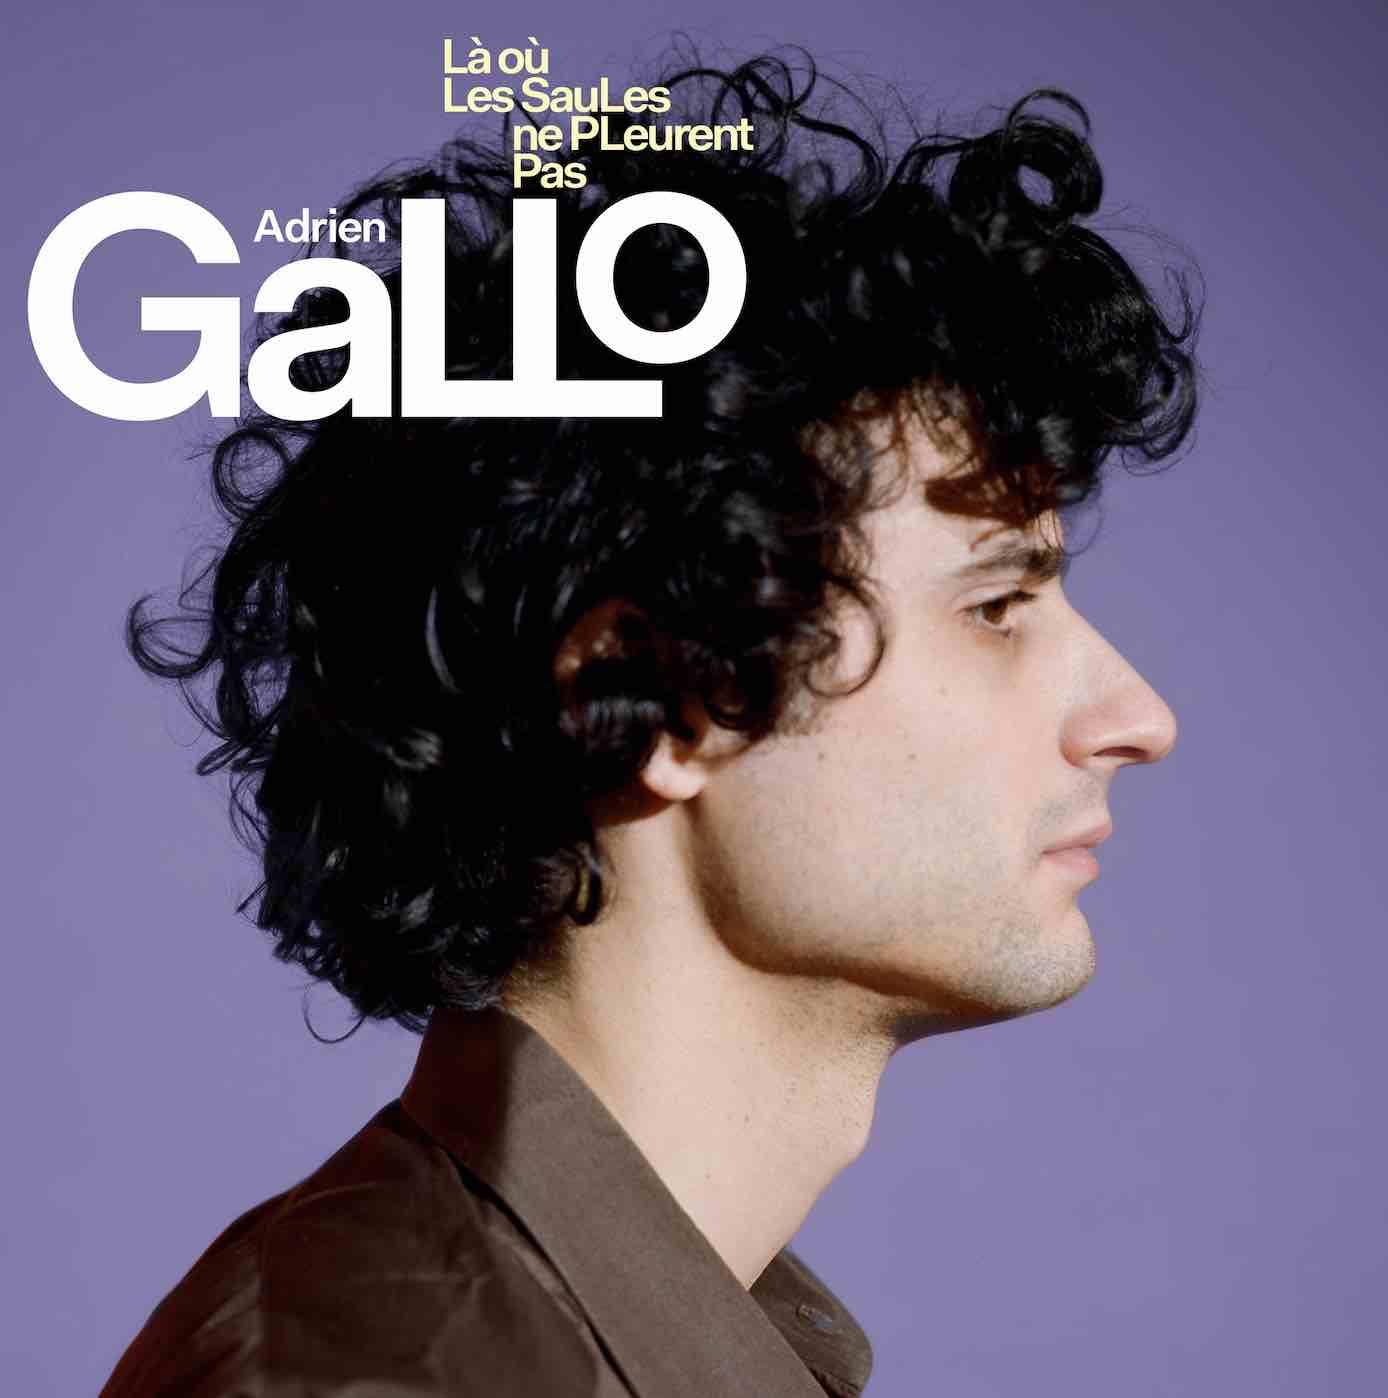 Adrien Gallo - Là où les saules ne pleurent pas album